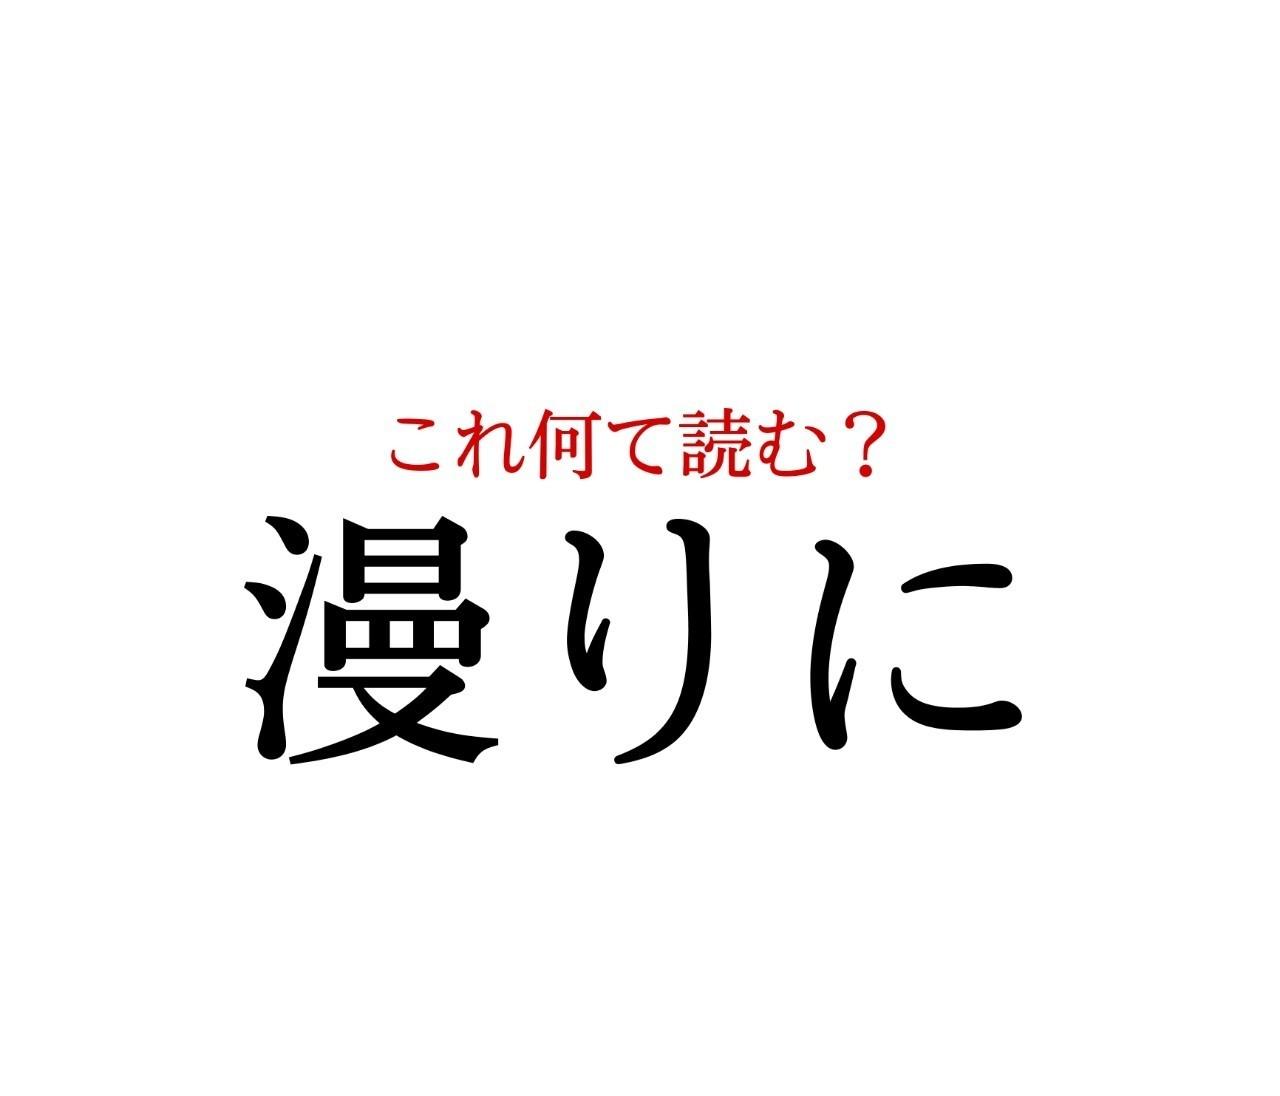 「漫りに」:この漢字、自信を持って読めますか?【働く大人の漢字クイズvol.250】